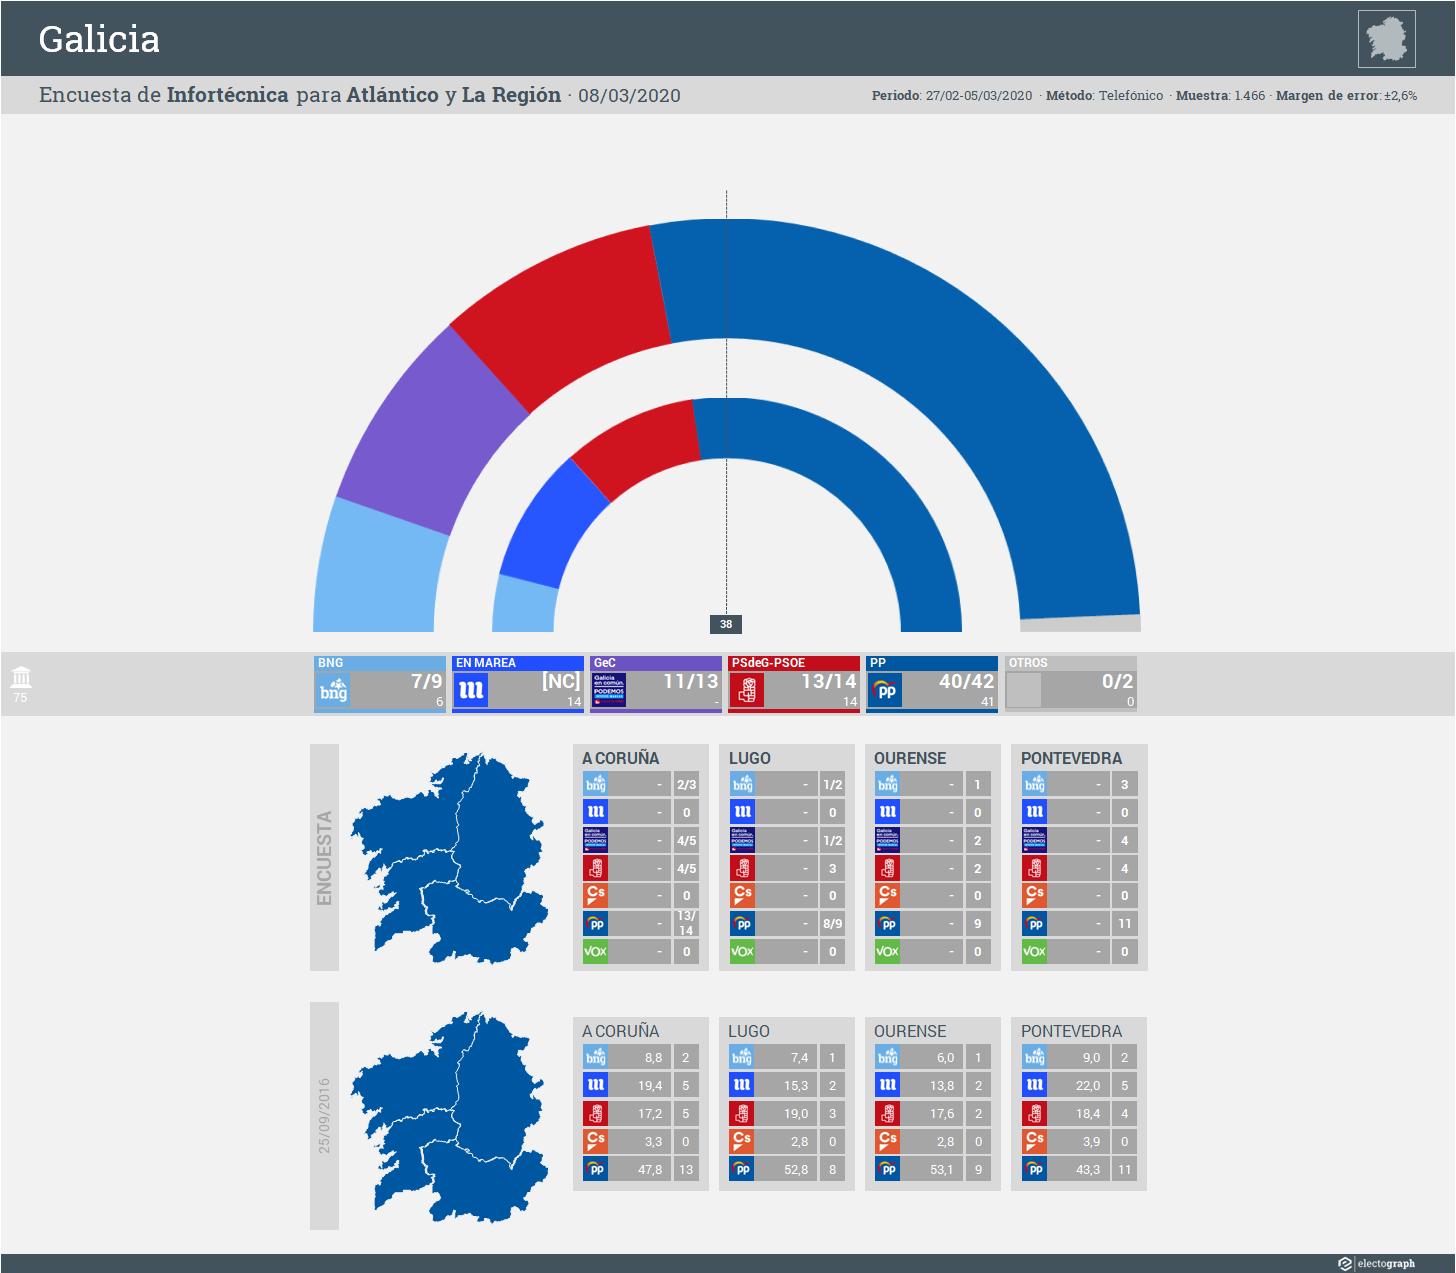 Gráfico de la encuesta para elecciones autonómicas en Galicia realizada por Infortécnica para Atlántico y La Región, 8 de marzo de 2020